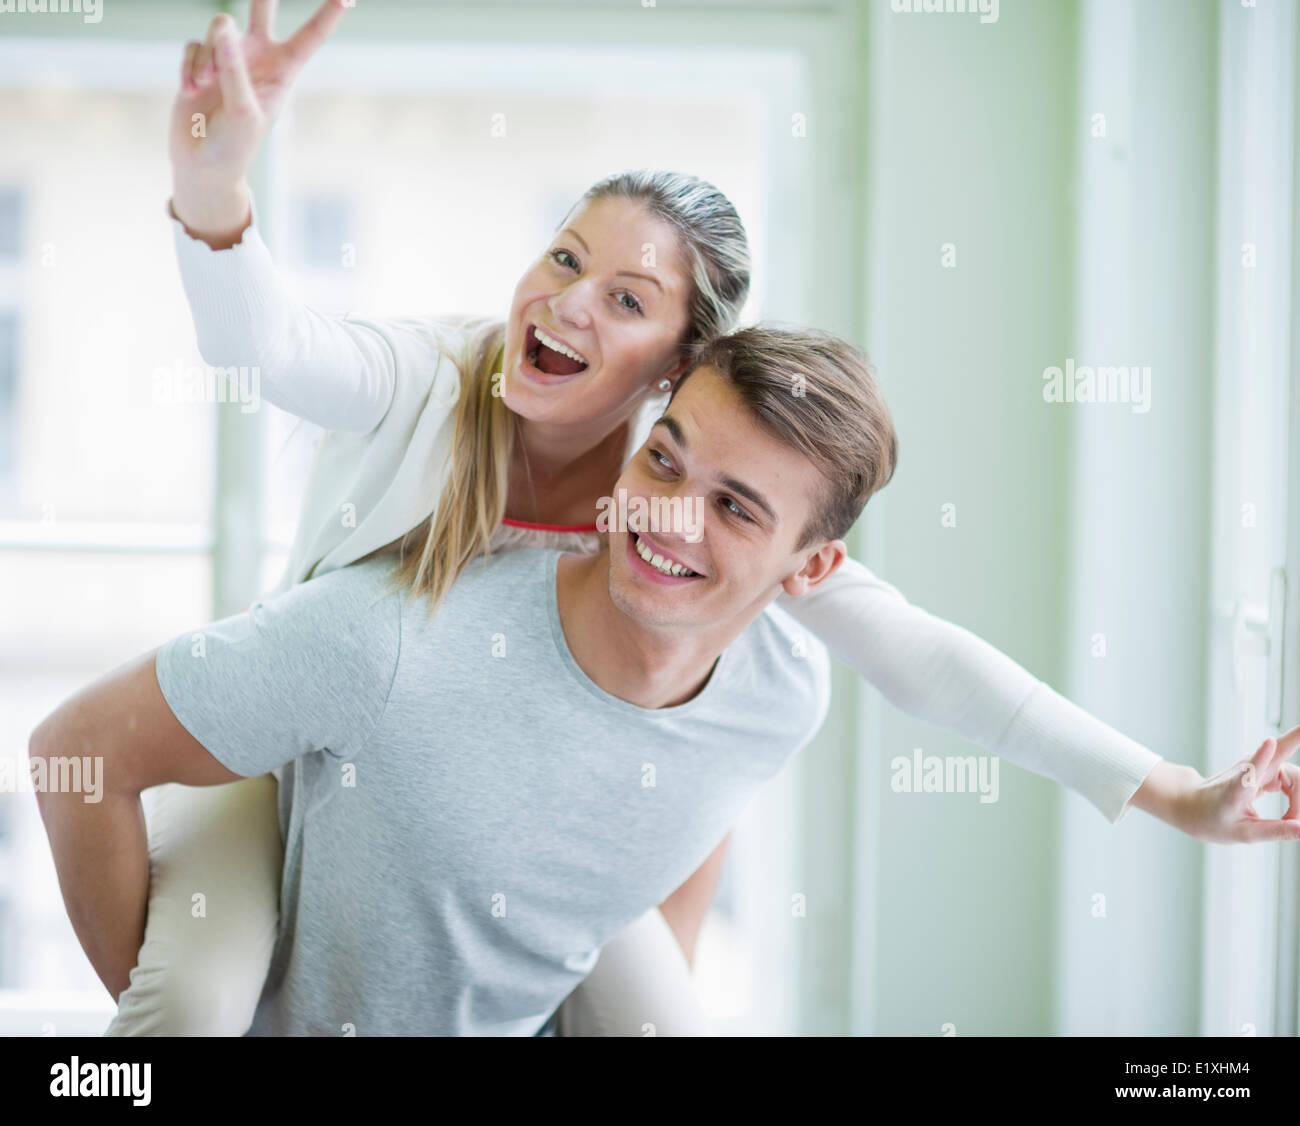 Ritratto di donna felice godendo piggyback ride dato da uomo a casa Immagini Stock